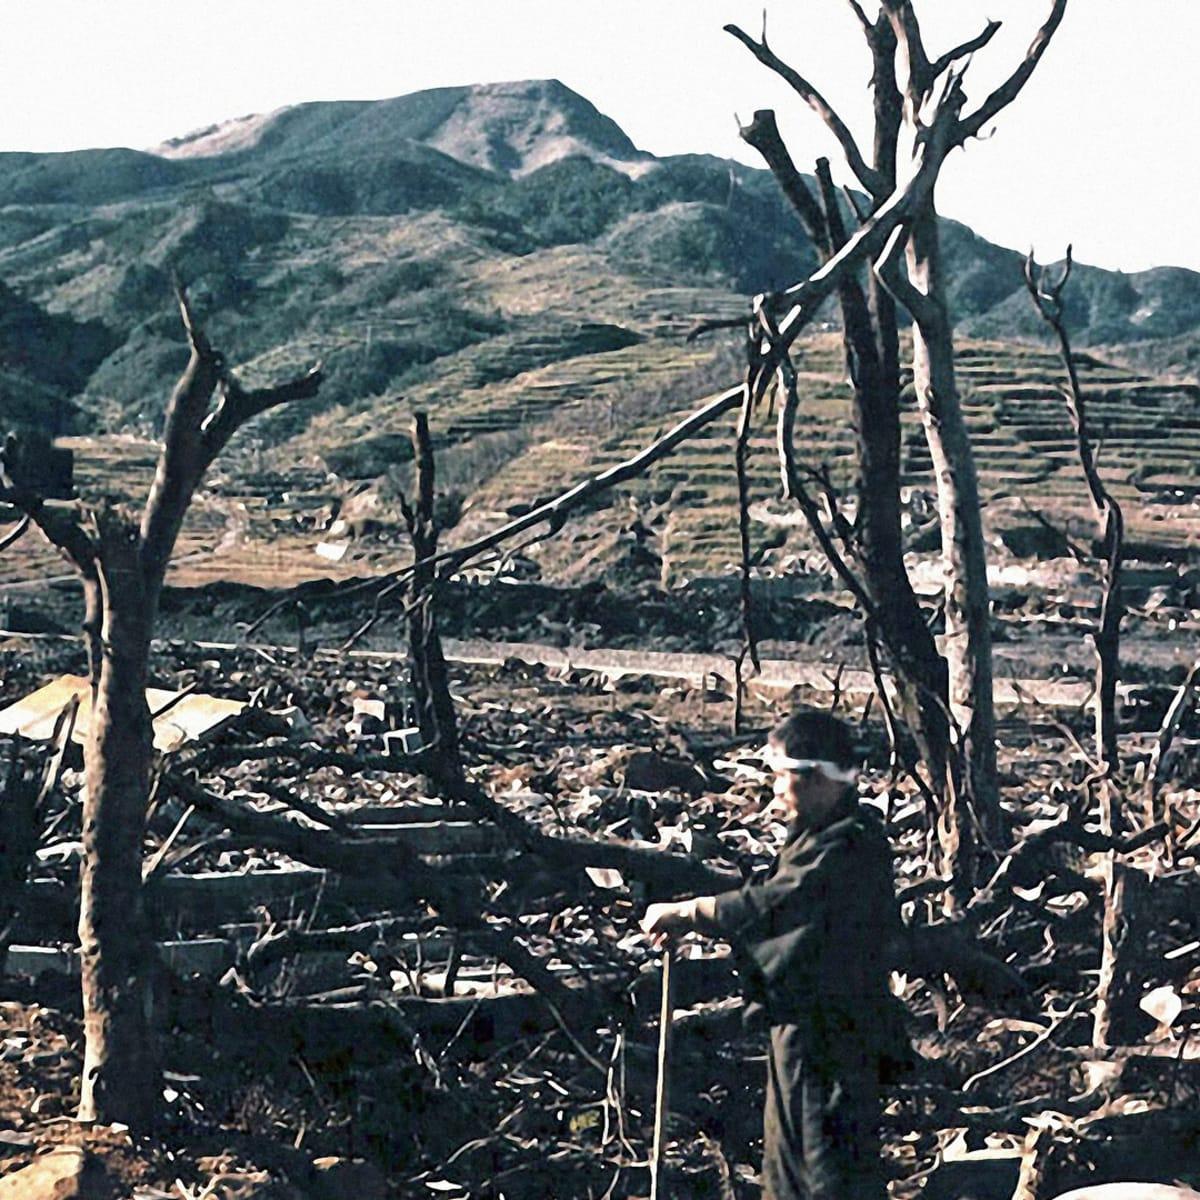 નાગાસાકી શહેર પહાડોથી ઘેરાયેલું હોવાને કારણે માત્ર 617 વર્ગ કિલોમીટર ક્ષેત્રમાં તબાહી જોવા મળી.